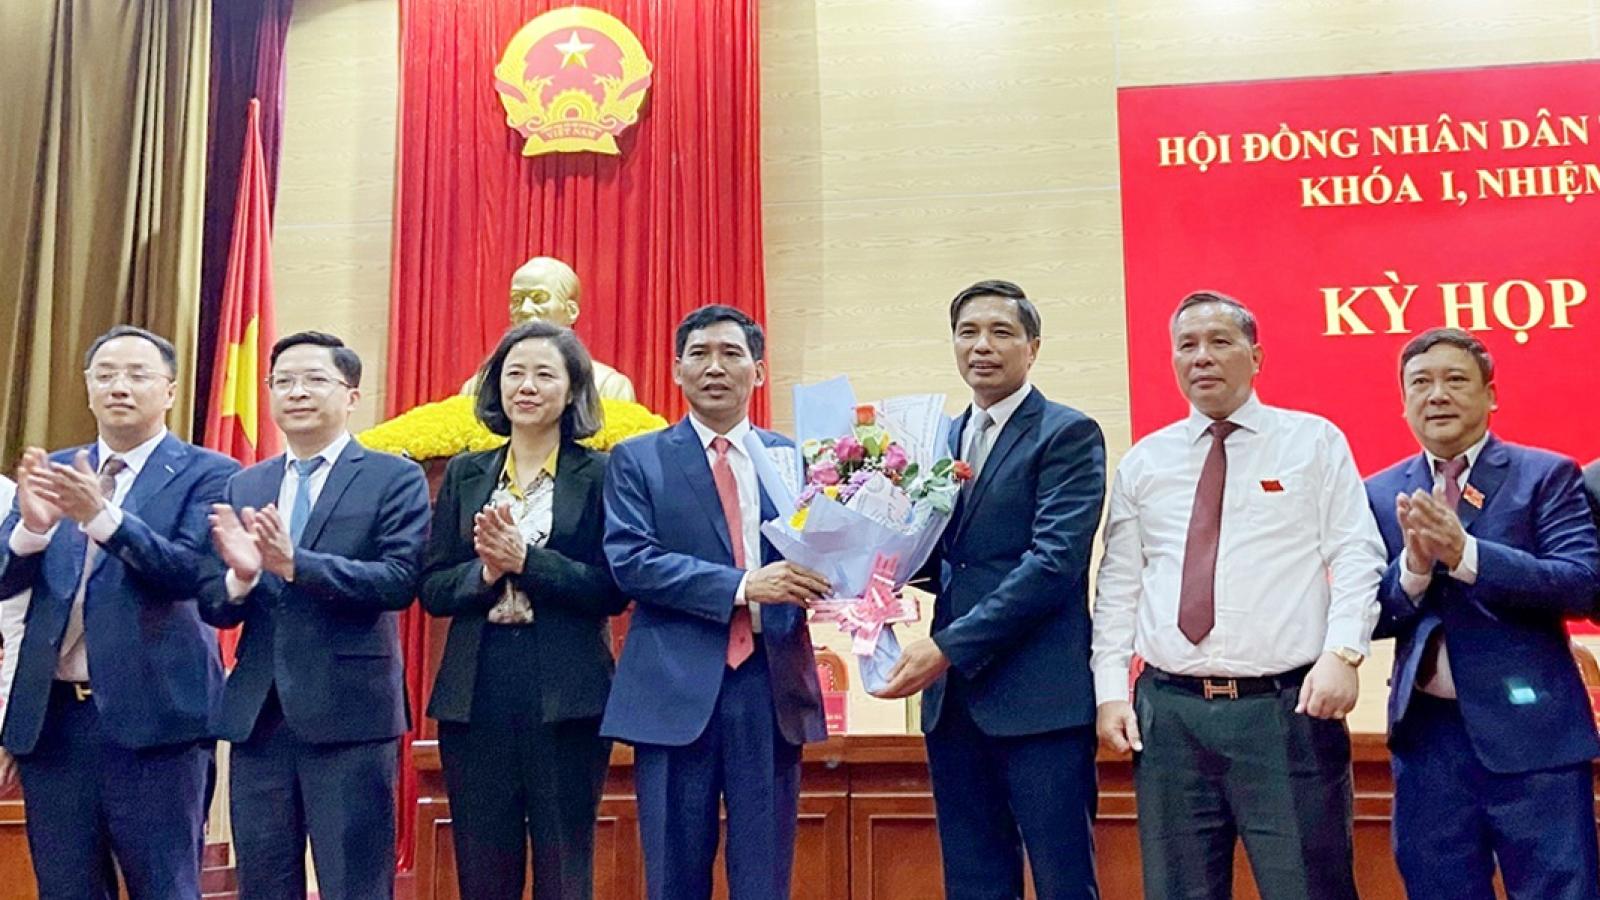 TP Hạ Long có tân Chủ tịch Ủy ban Nhân dân và Chủ tịch Hội đồng Nhân dân